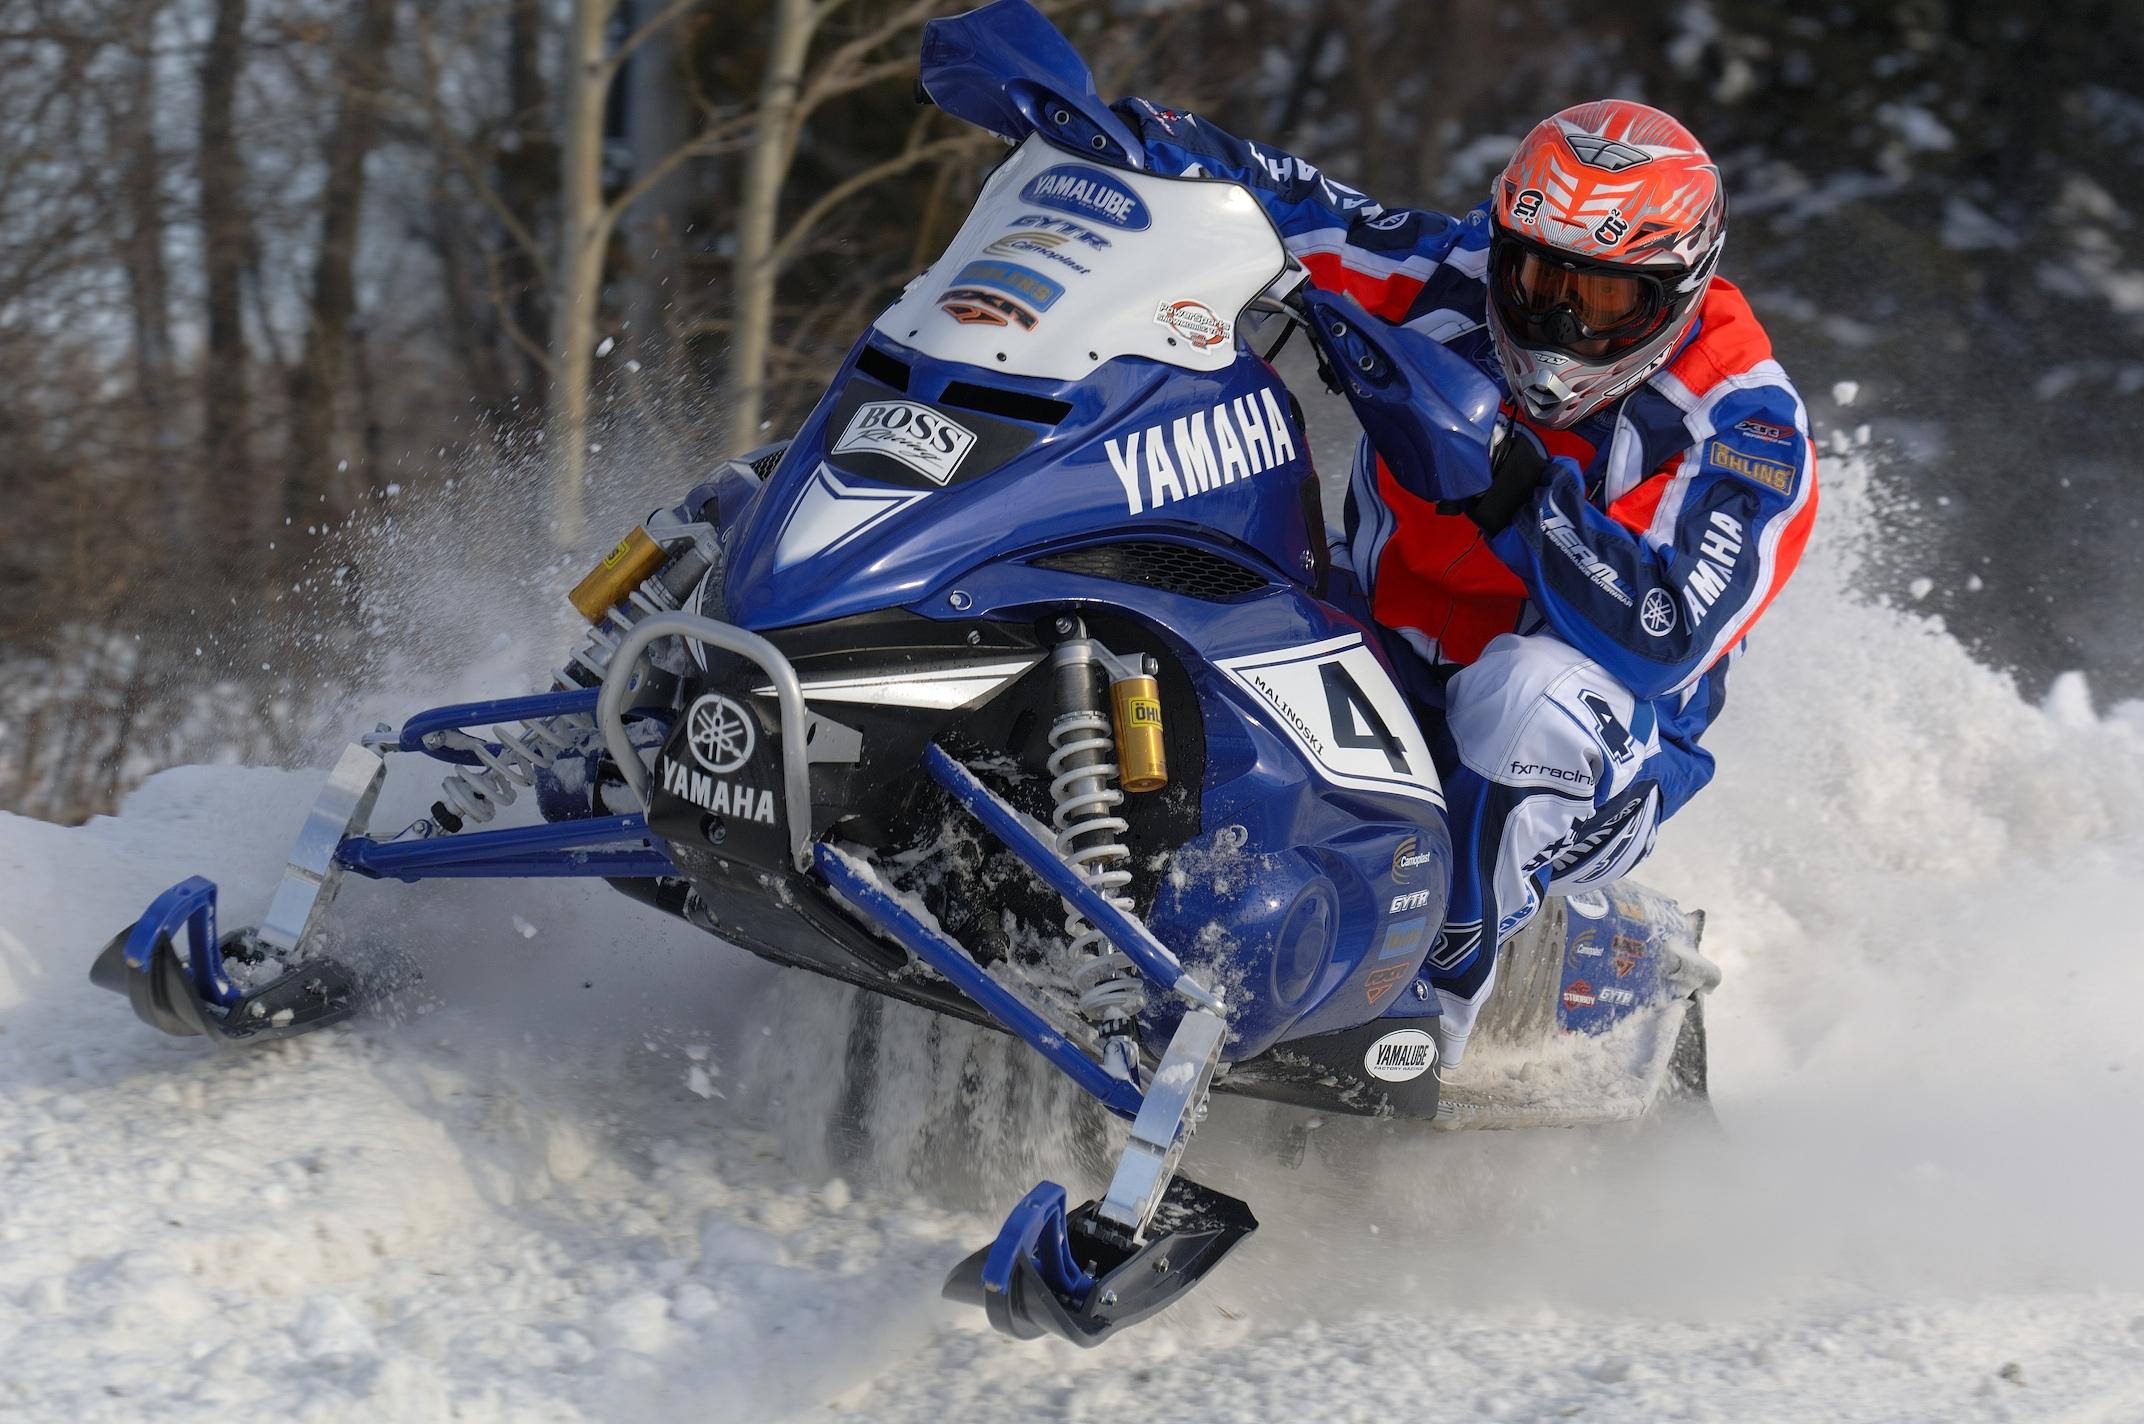 Yamaha Snowmobile Racing